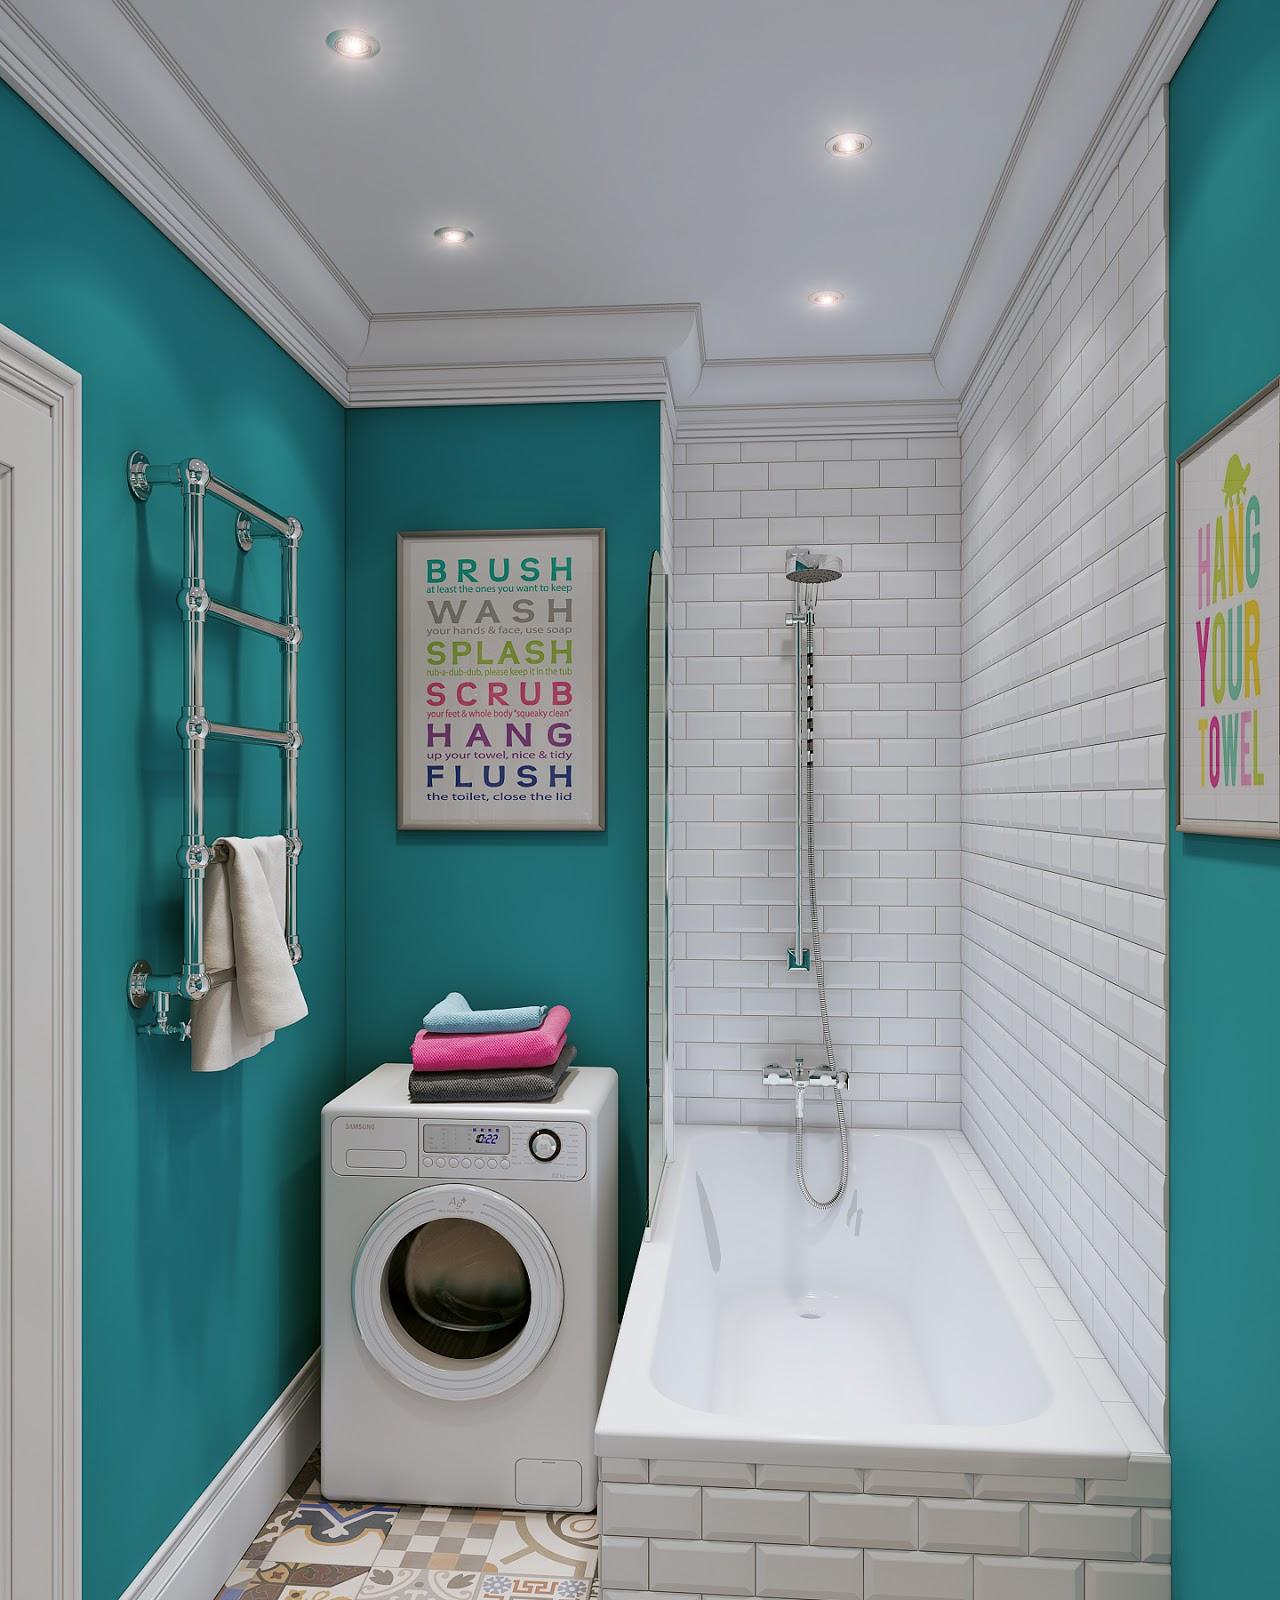 Arredare piccoli spazi giocando con i colori 25 mq for Salle de bain peinture ou carrelage